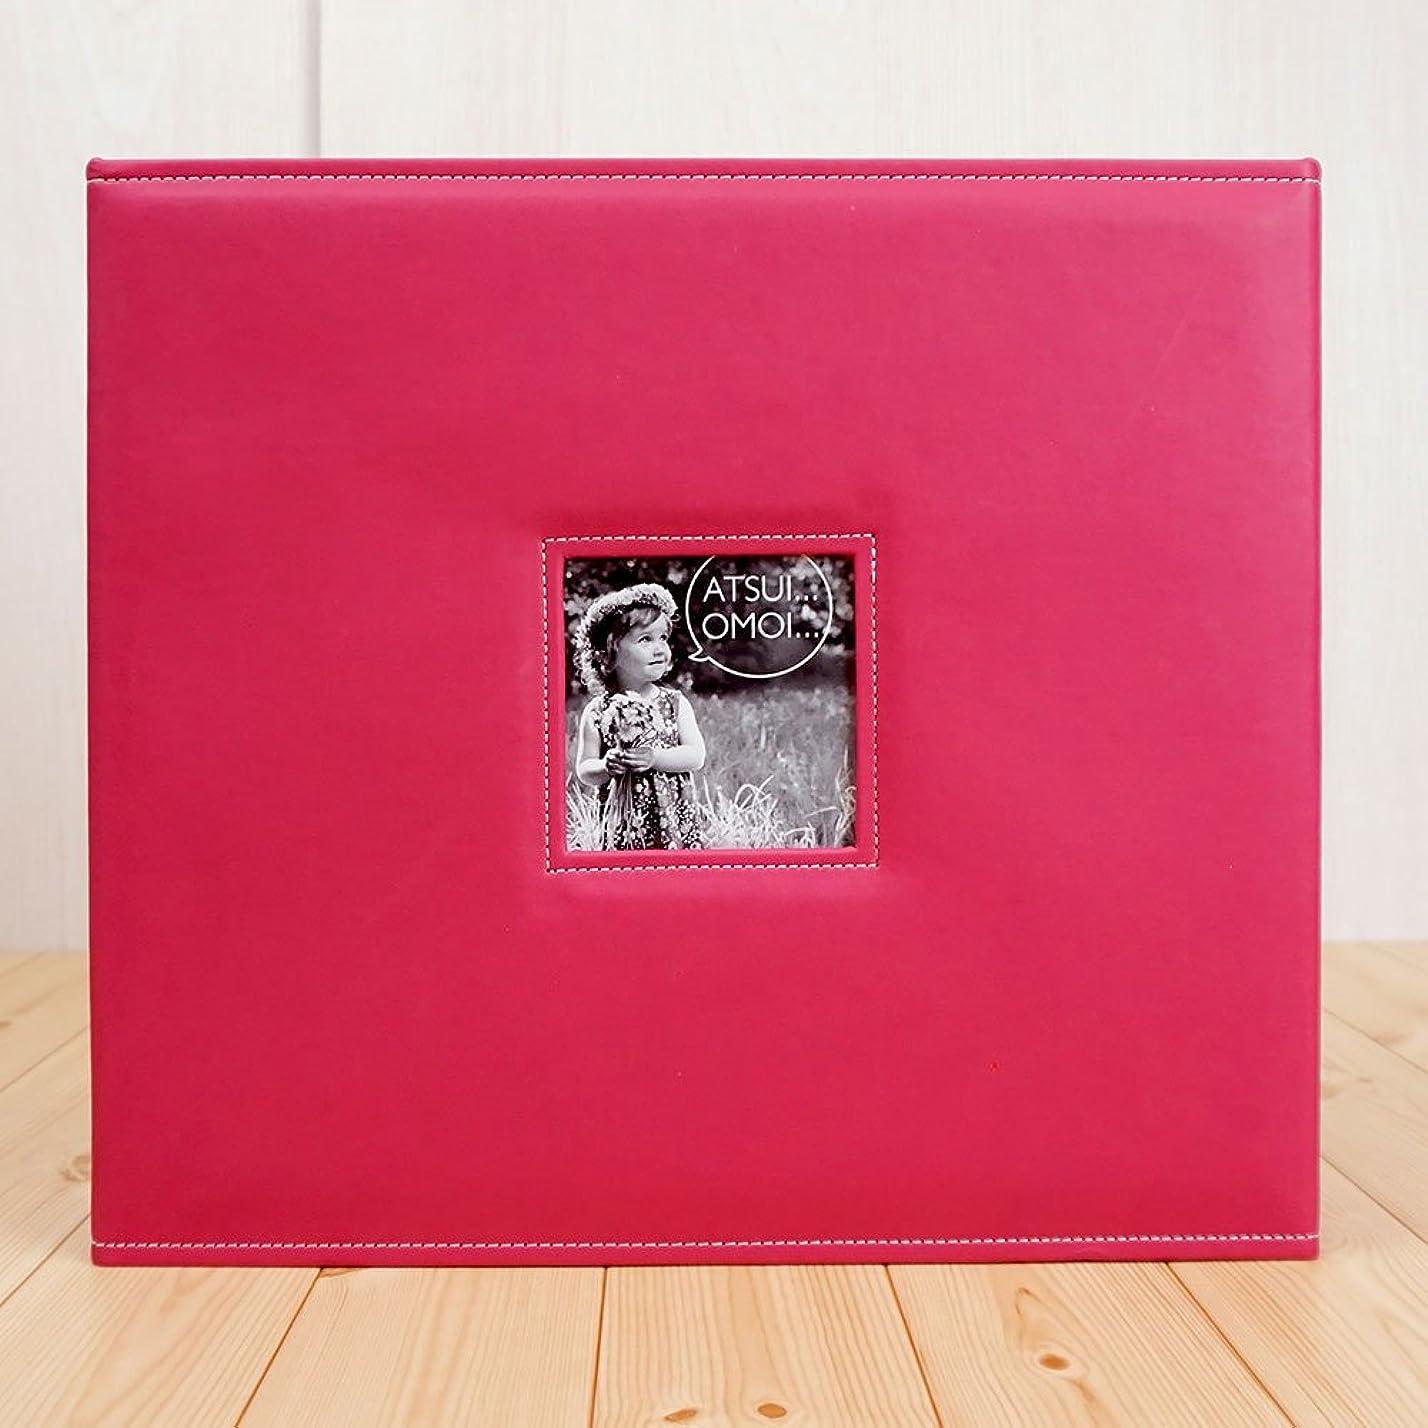 震え女の子超高層ビルナカバヤシ フリーアルバム替台紙 プラコート台紙 ビス式Lサイズ ホワイト ア-LPR-5-W